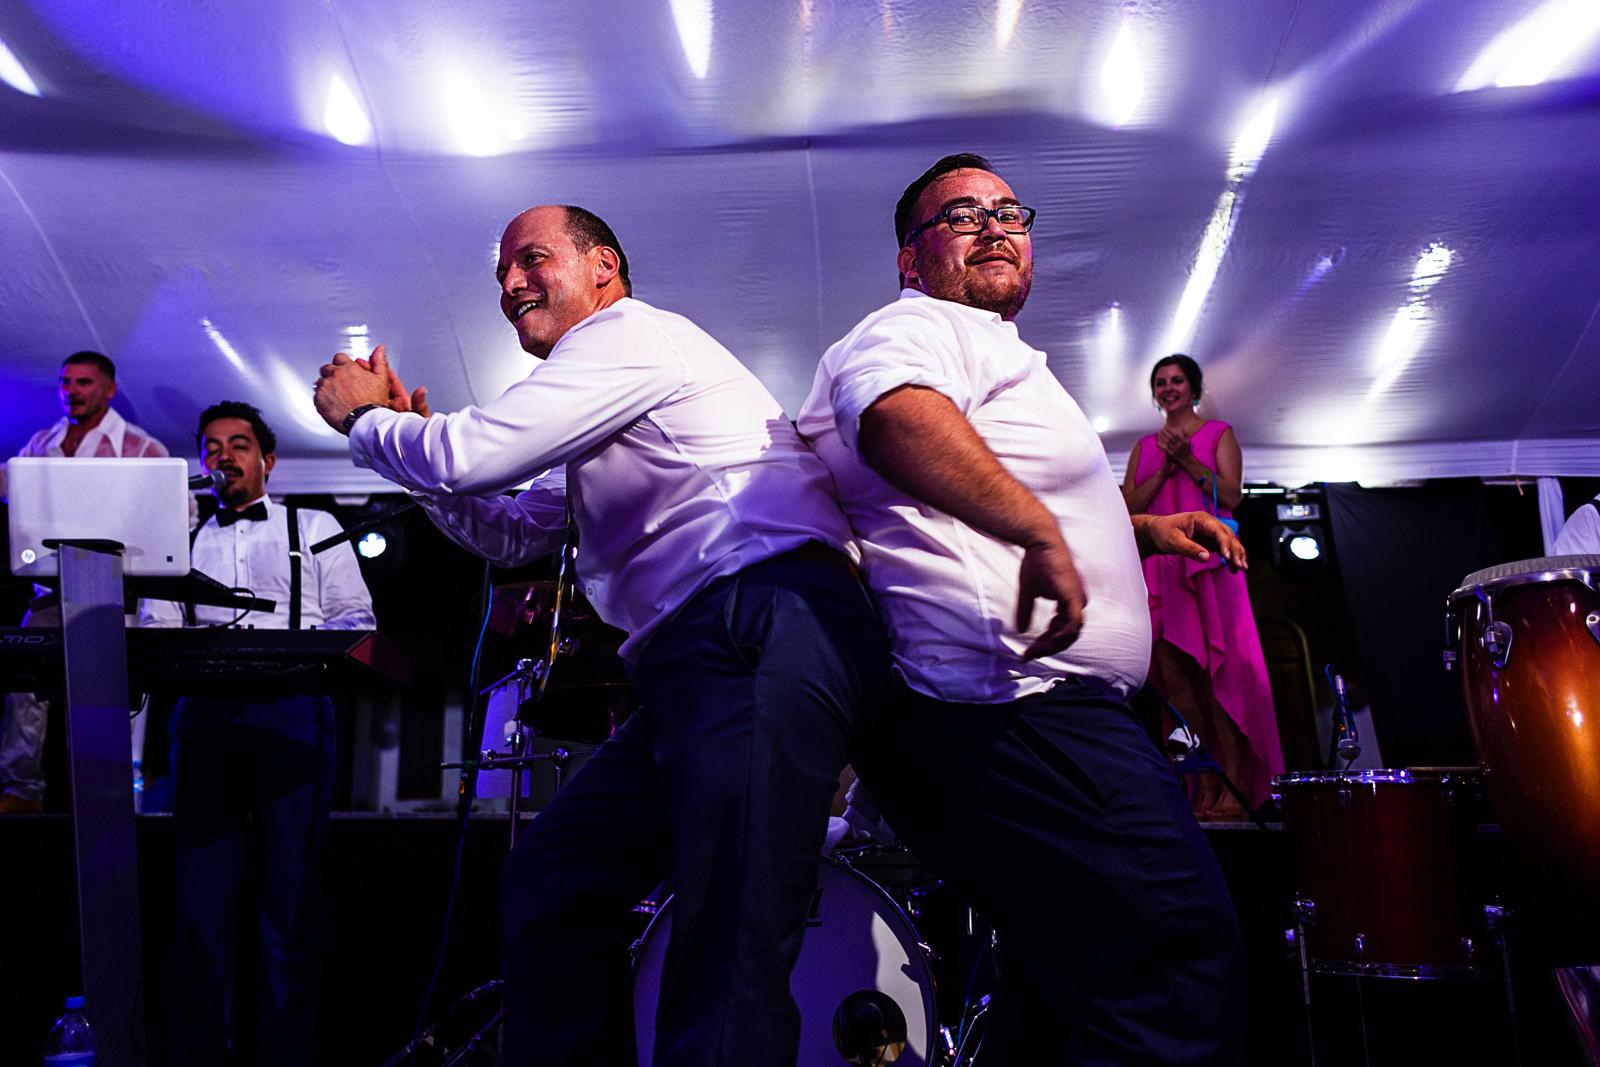 Dos hombres concursan bailando en el escenario junto a la banda musical